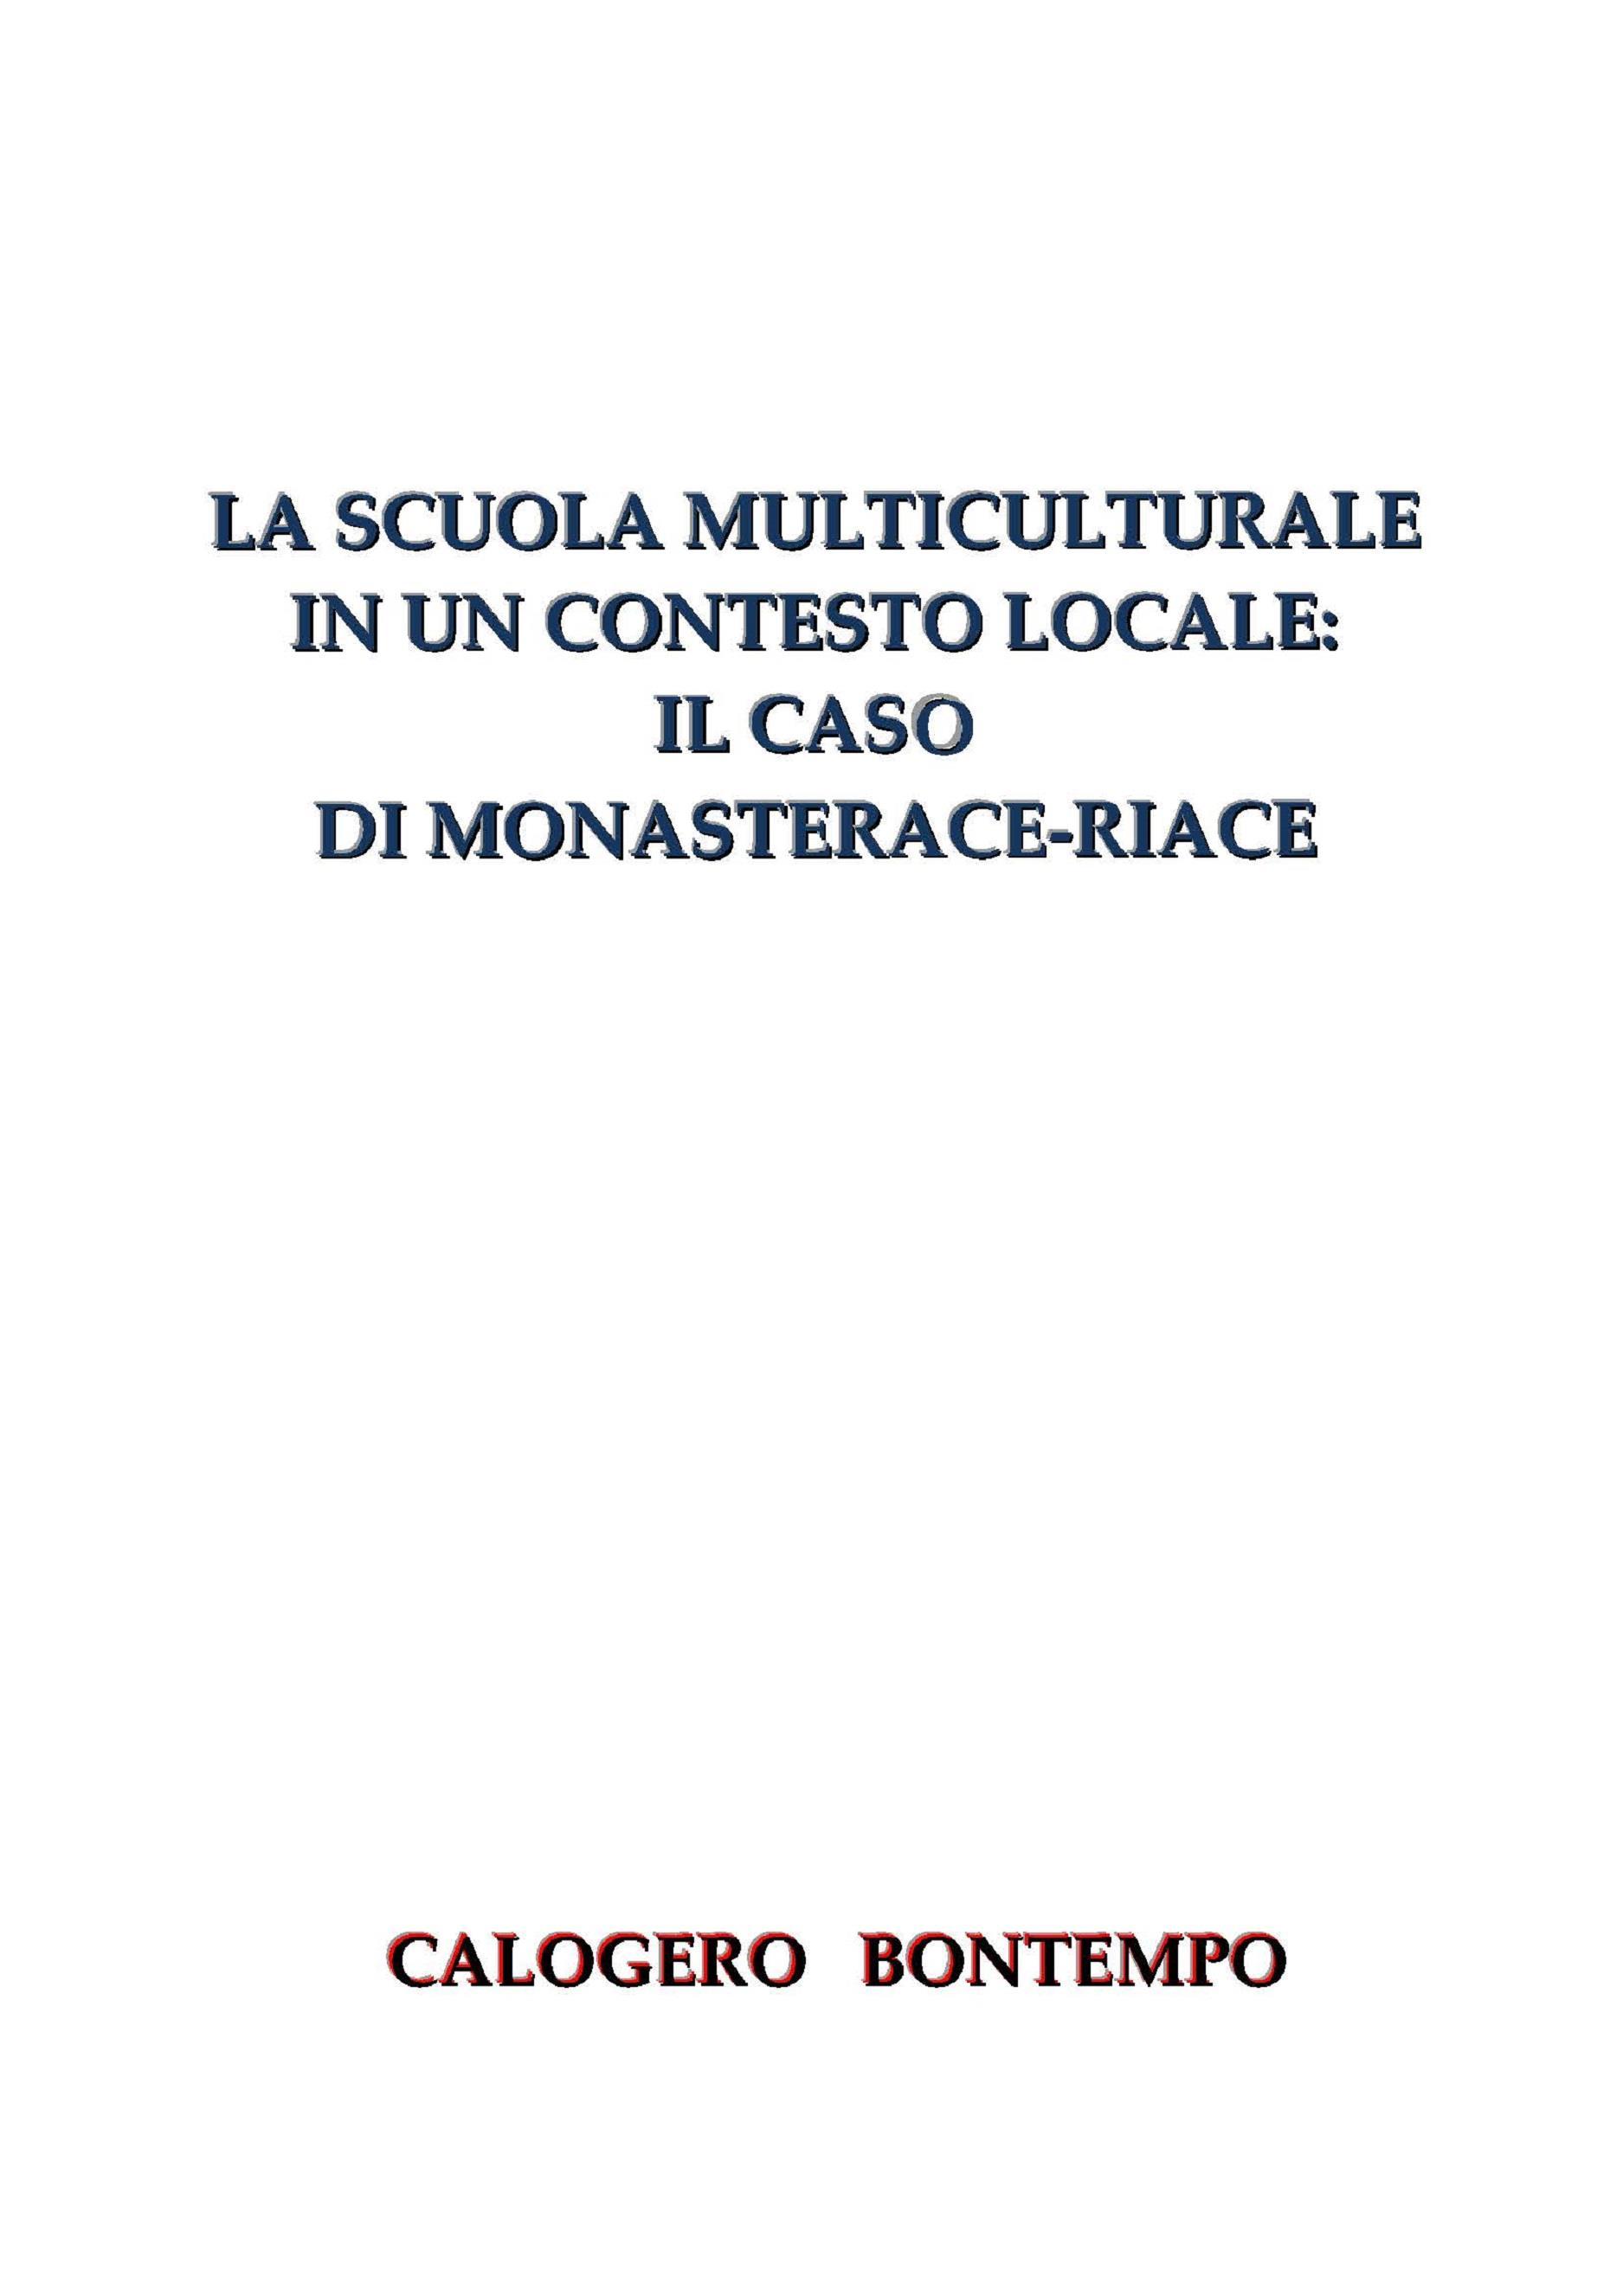 La Scuola Multiculturale In Un Contesto Locale: Il Caso Di Monasterace-Riace